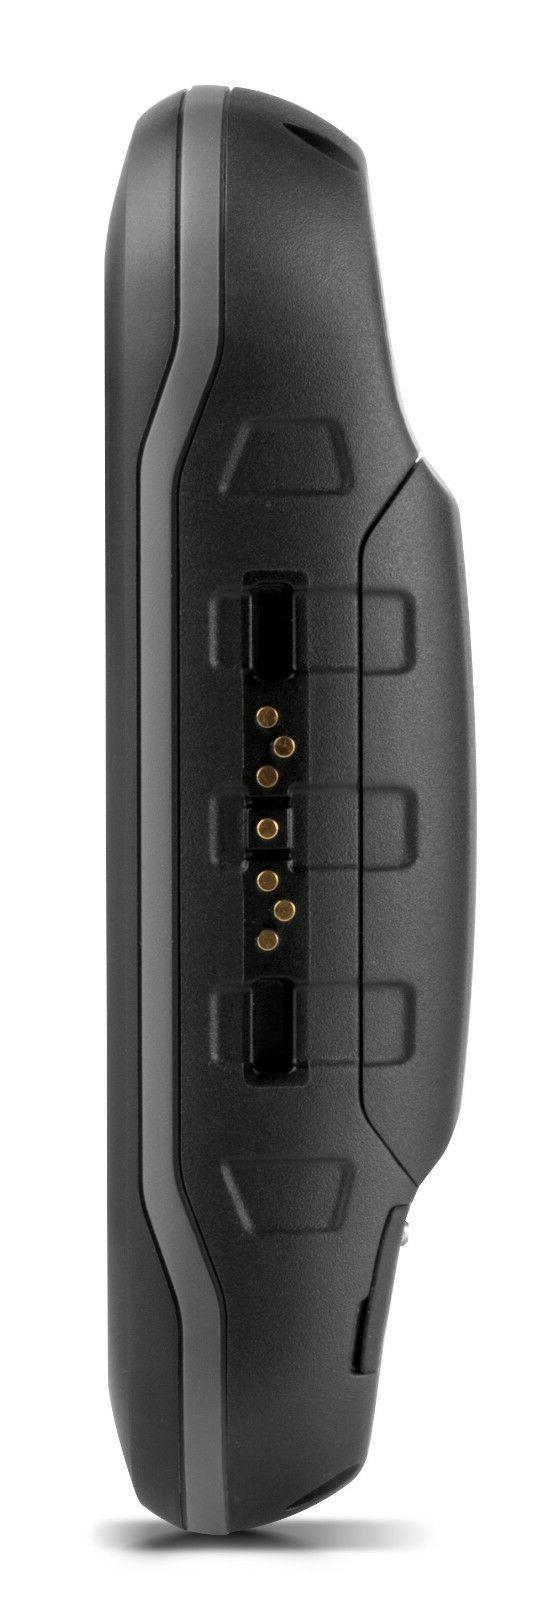 Garmin Montana GLONASS Handheld w/ 8 mp